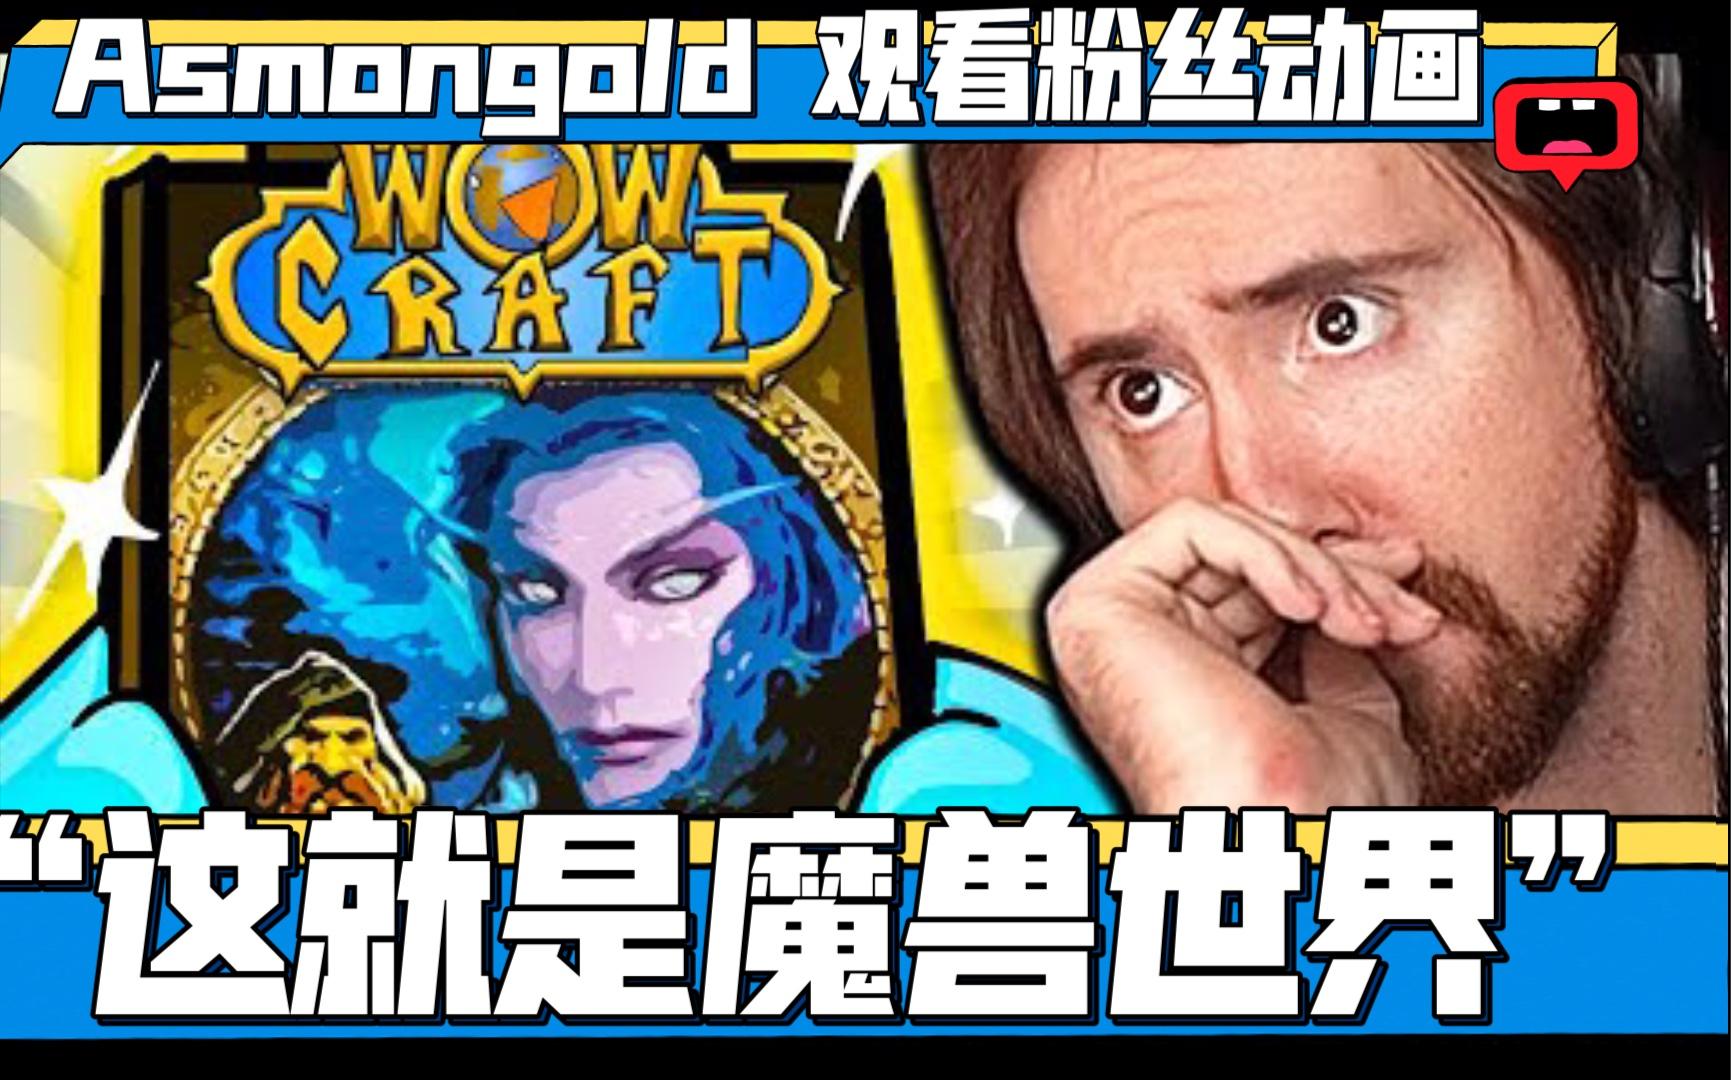 这就是魔兽世界 Asmongold在粉丝推荐下观看原创魔兽动画 魔兽人生的回顾